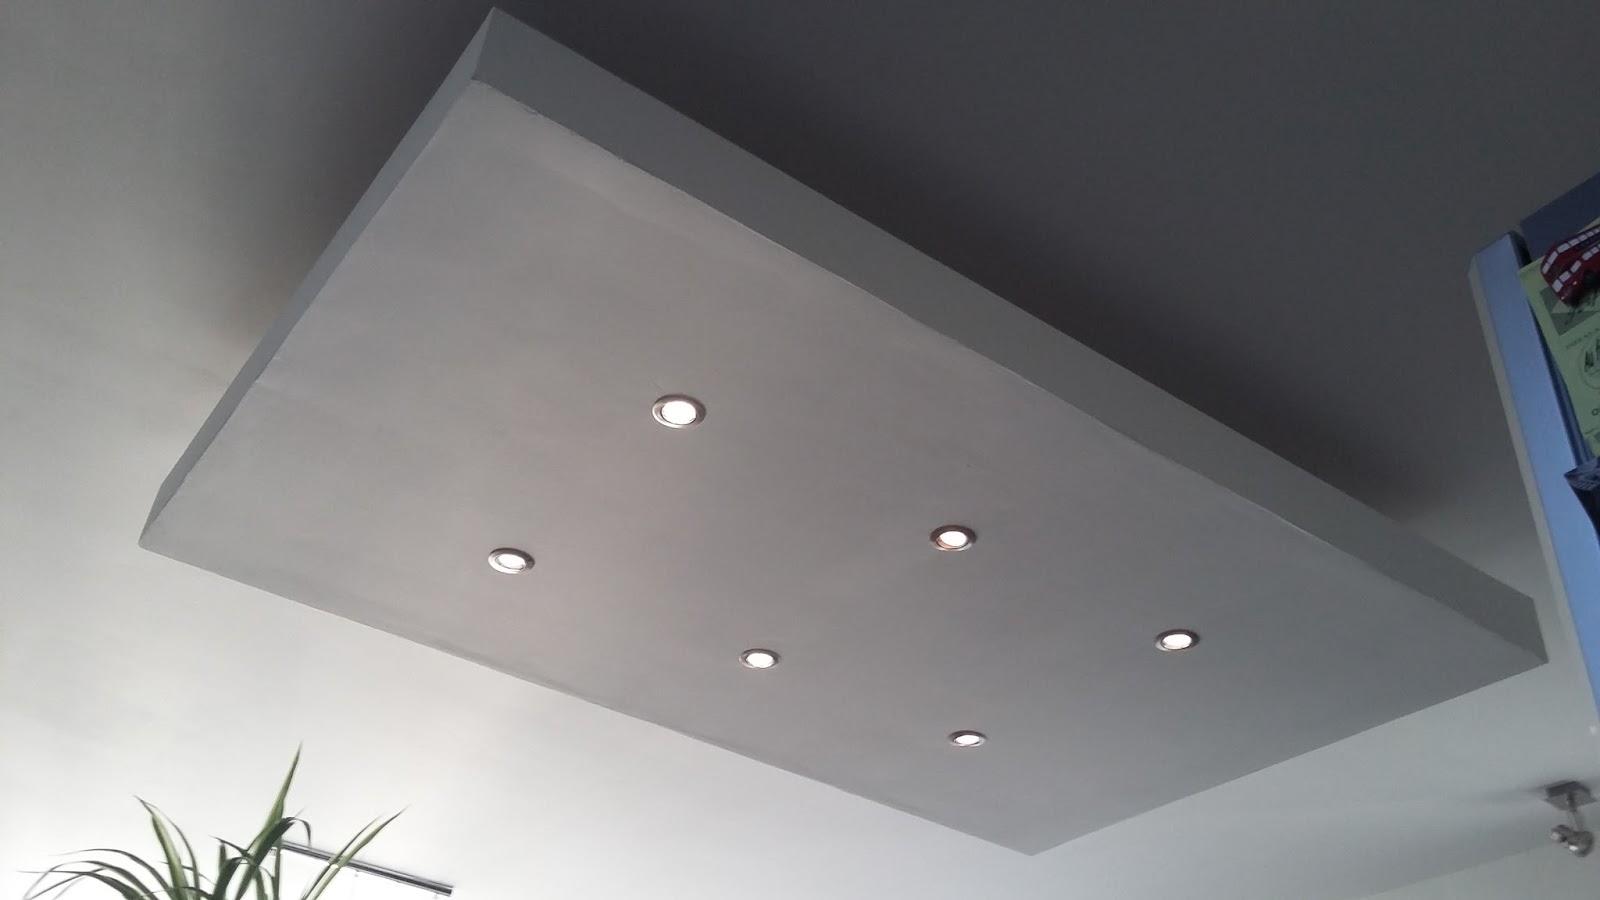 installez l'éclairage de plafond de baisse